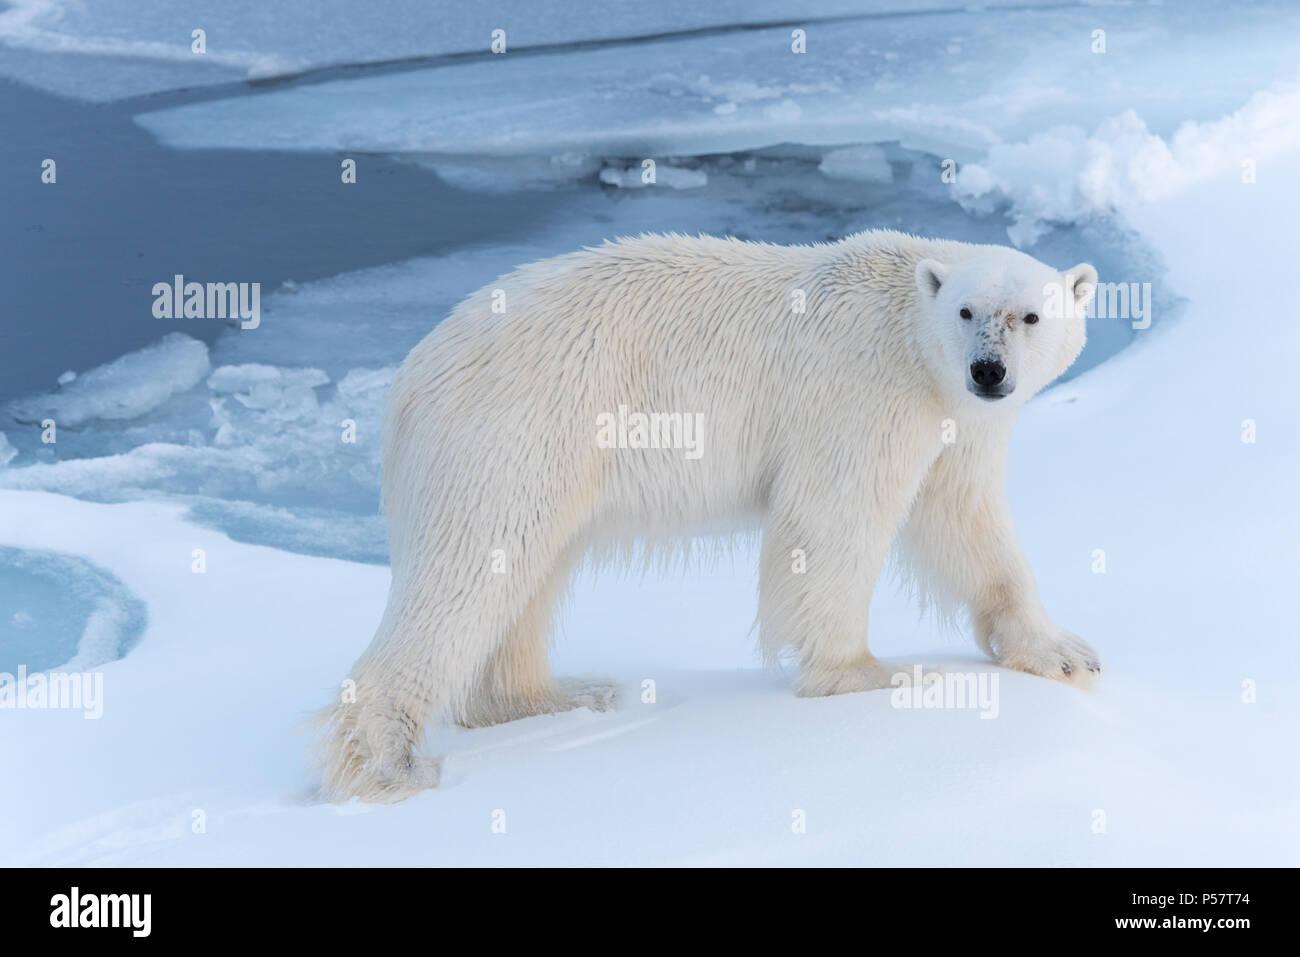 Oso Polar caminando a través de la nieve Imagen De Stock